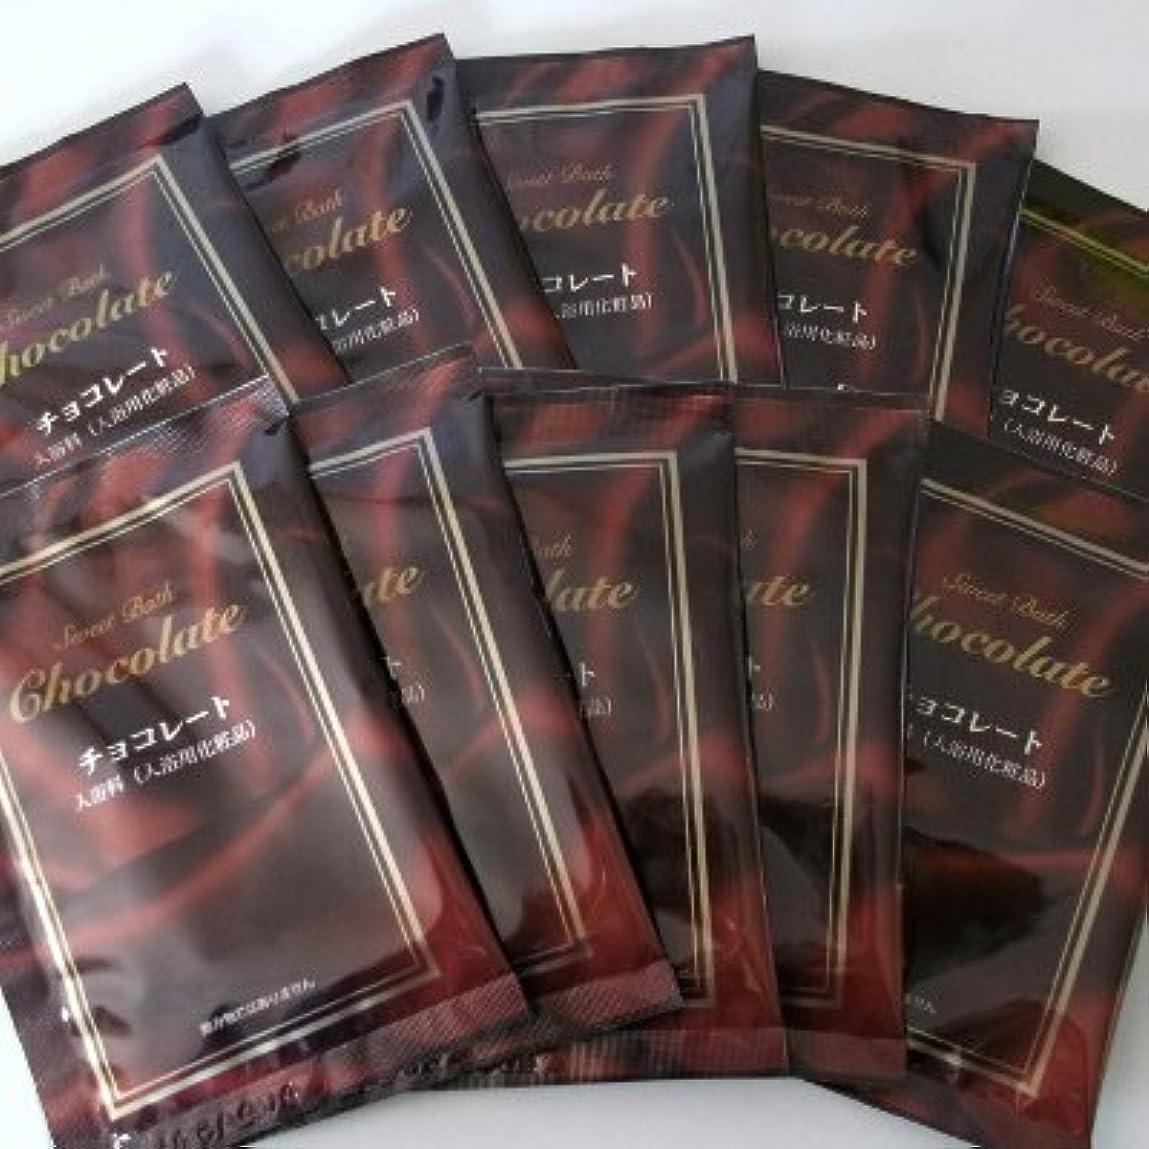 暗殺する表面的なクロススイートバス チョコレートの香り 10包セット